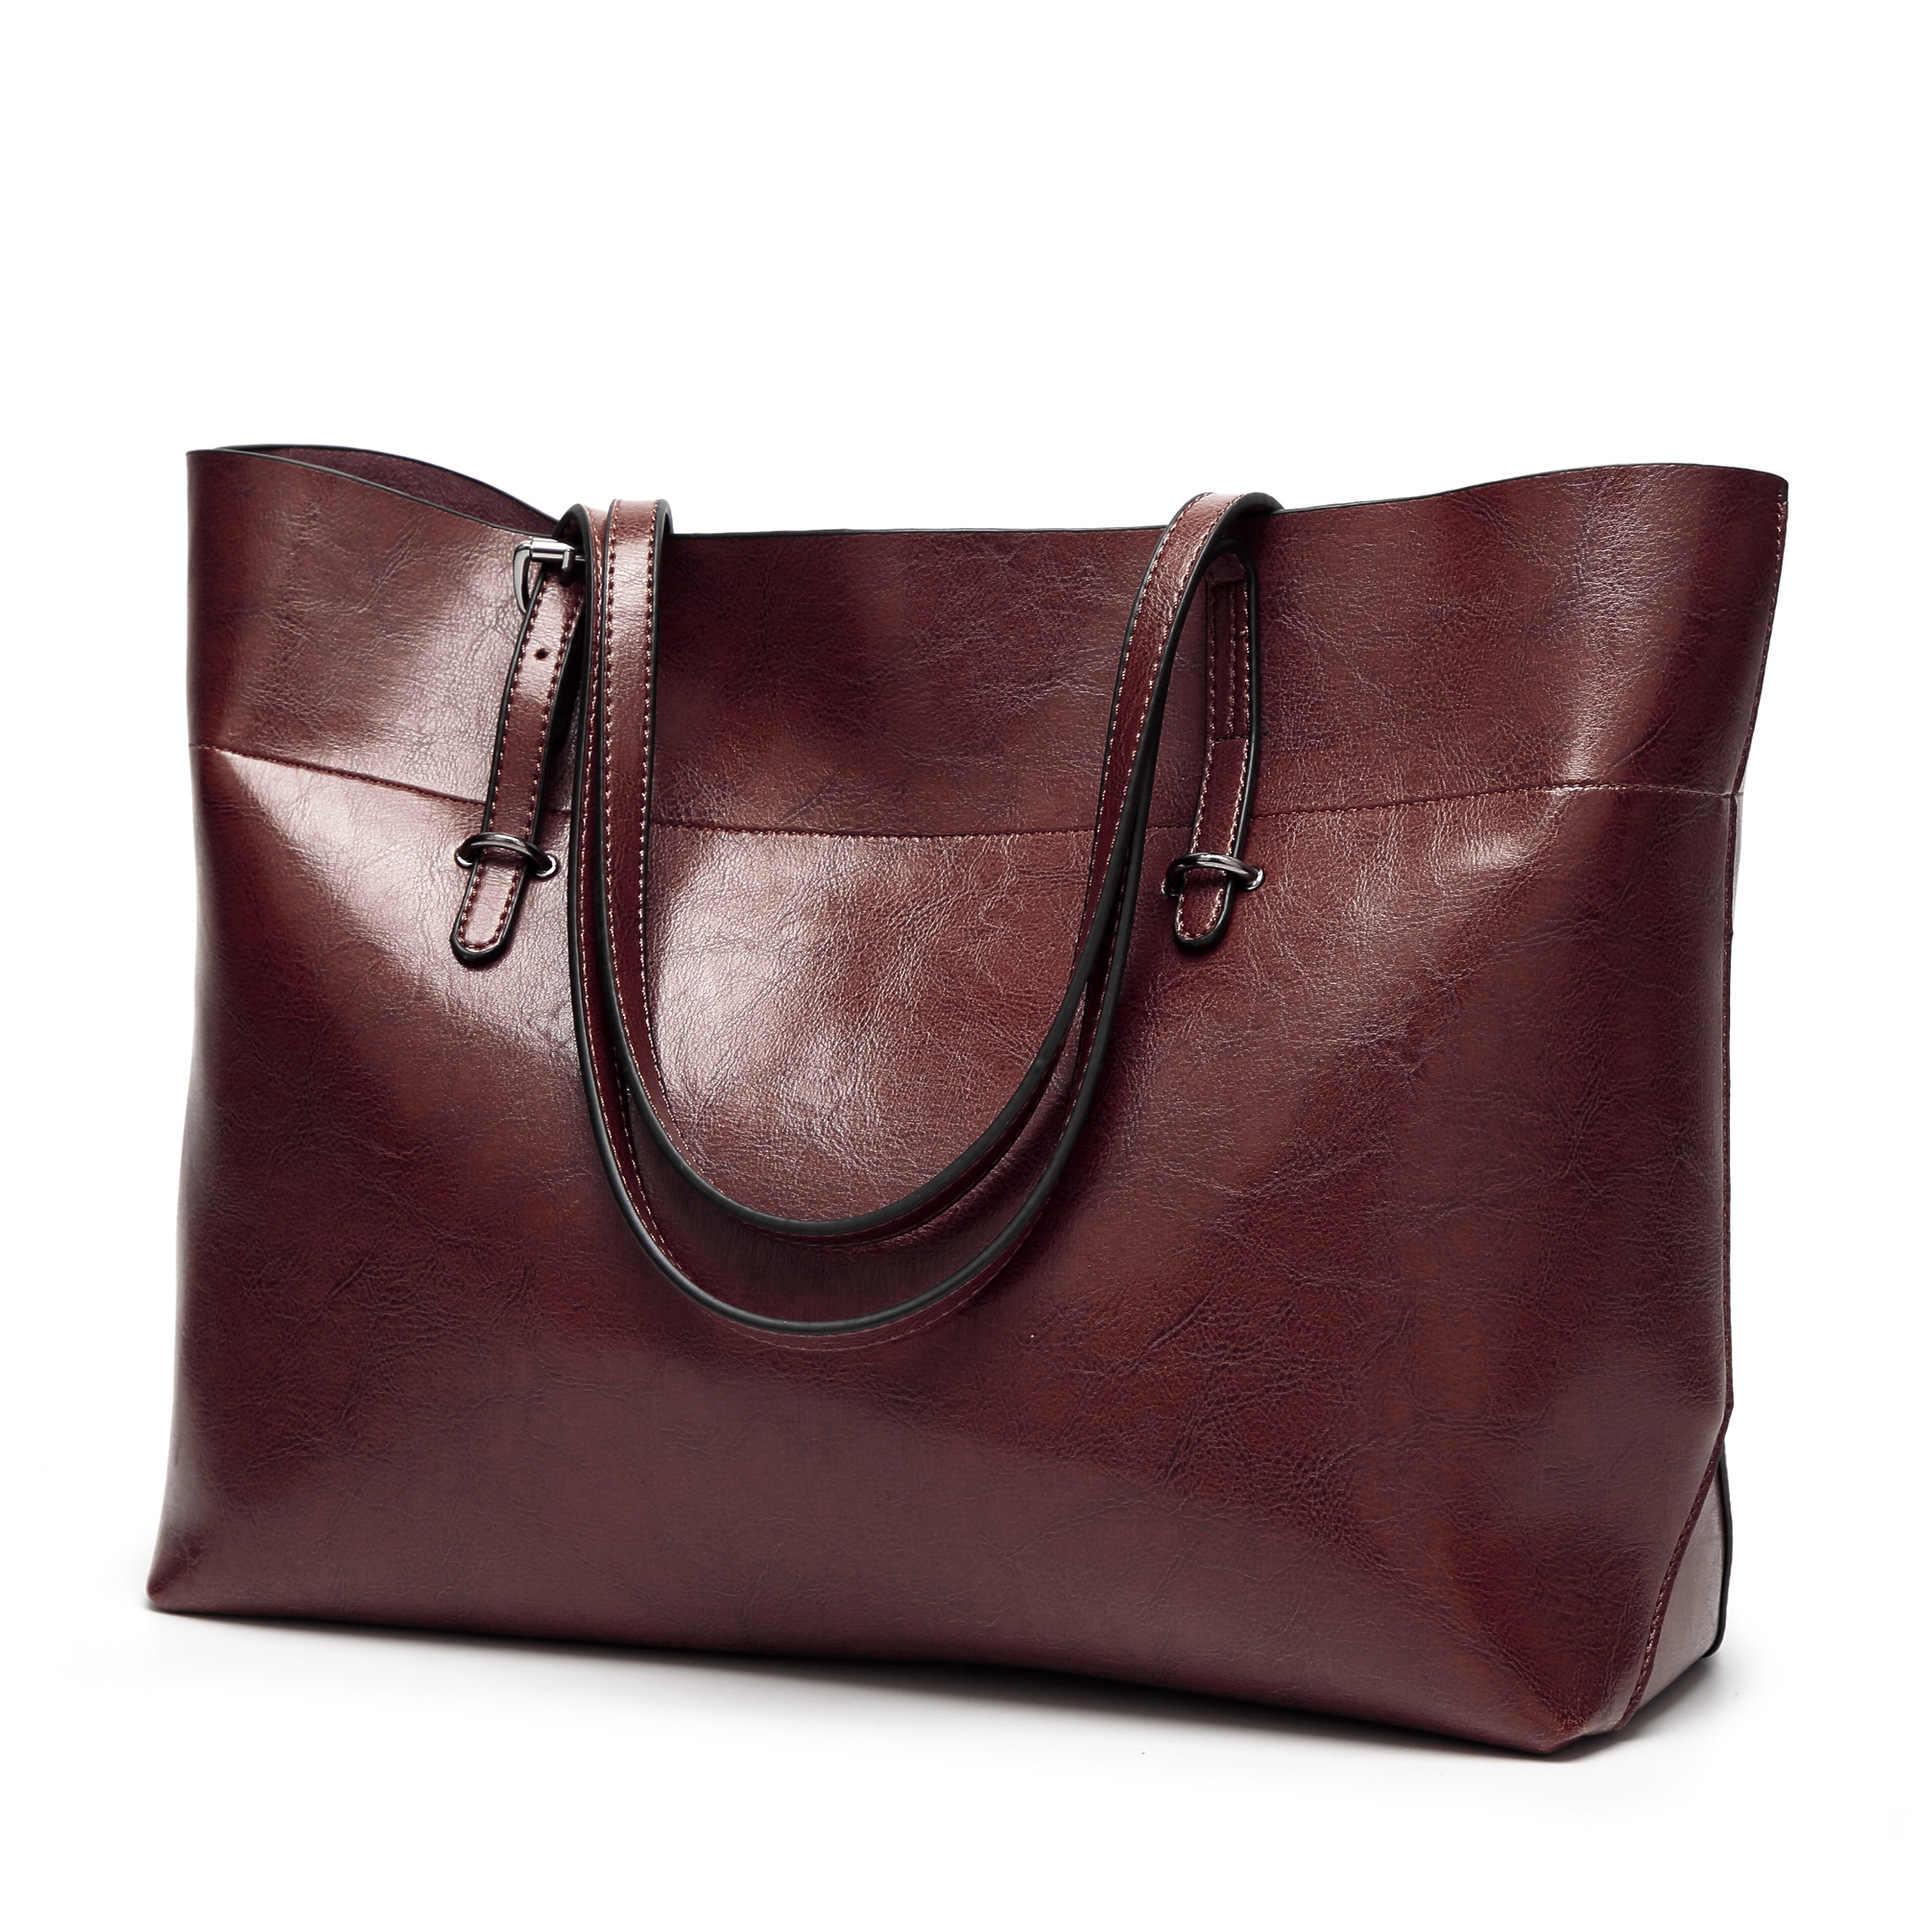 ヴィンテージ本革デザイナーの高級ハンドバッグの女性のメッセンジャーバッグ牛革ビッグ夏バッグ有名なブランドのボルサC832